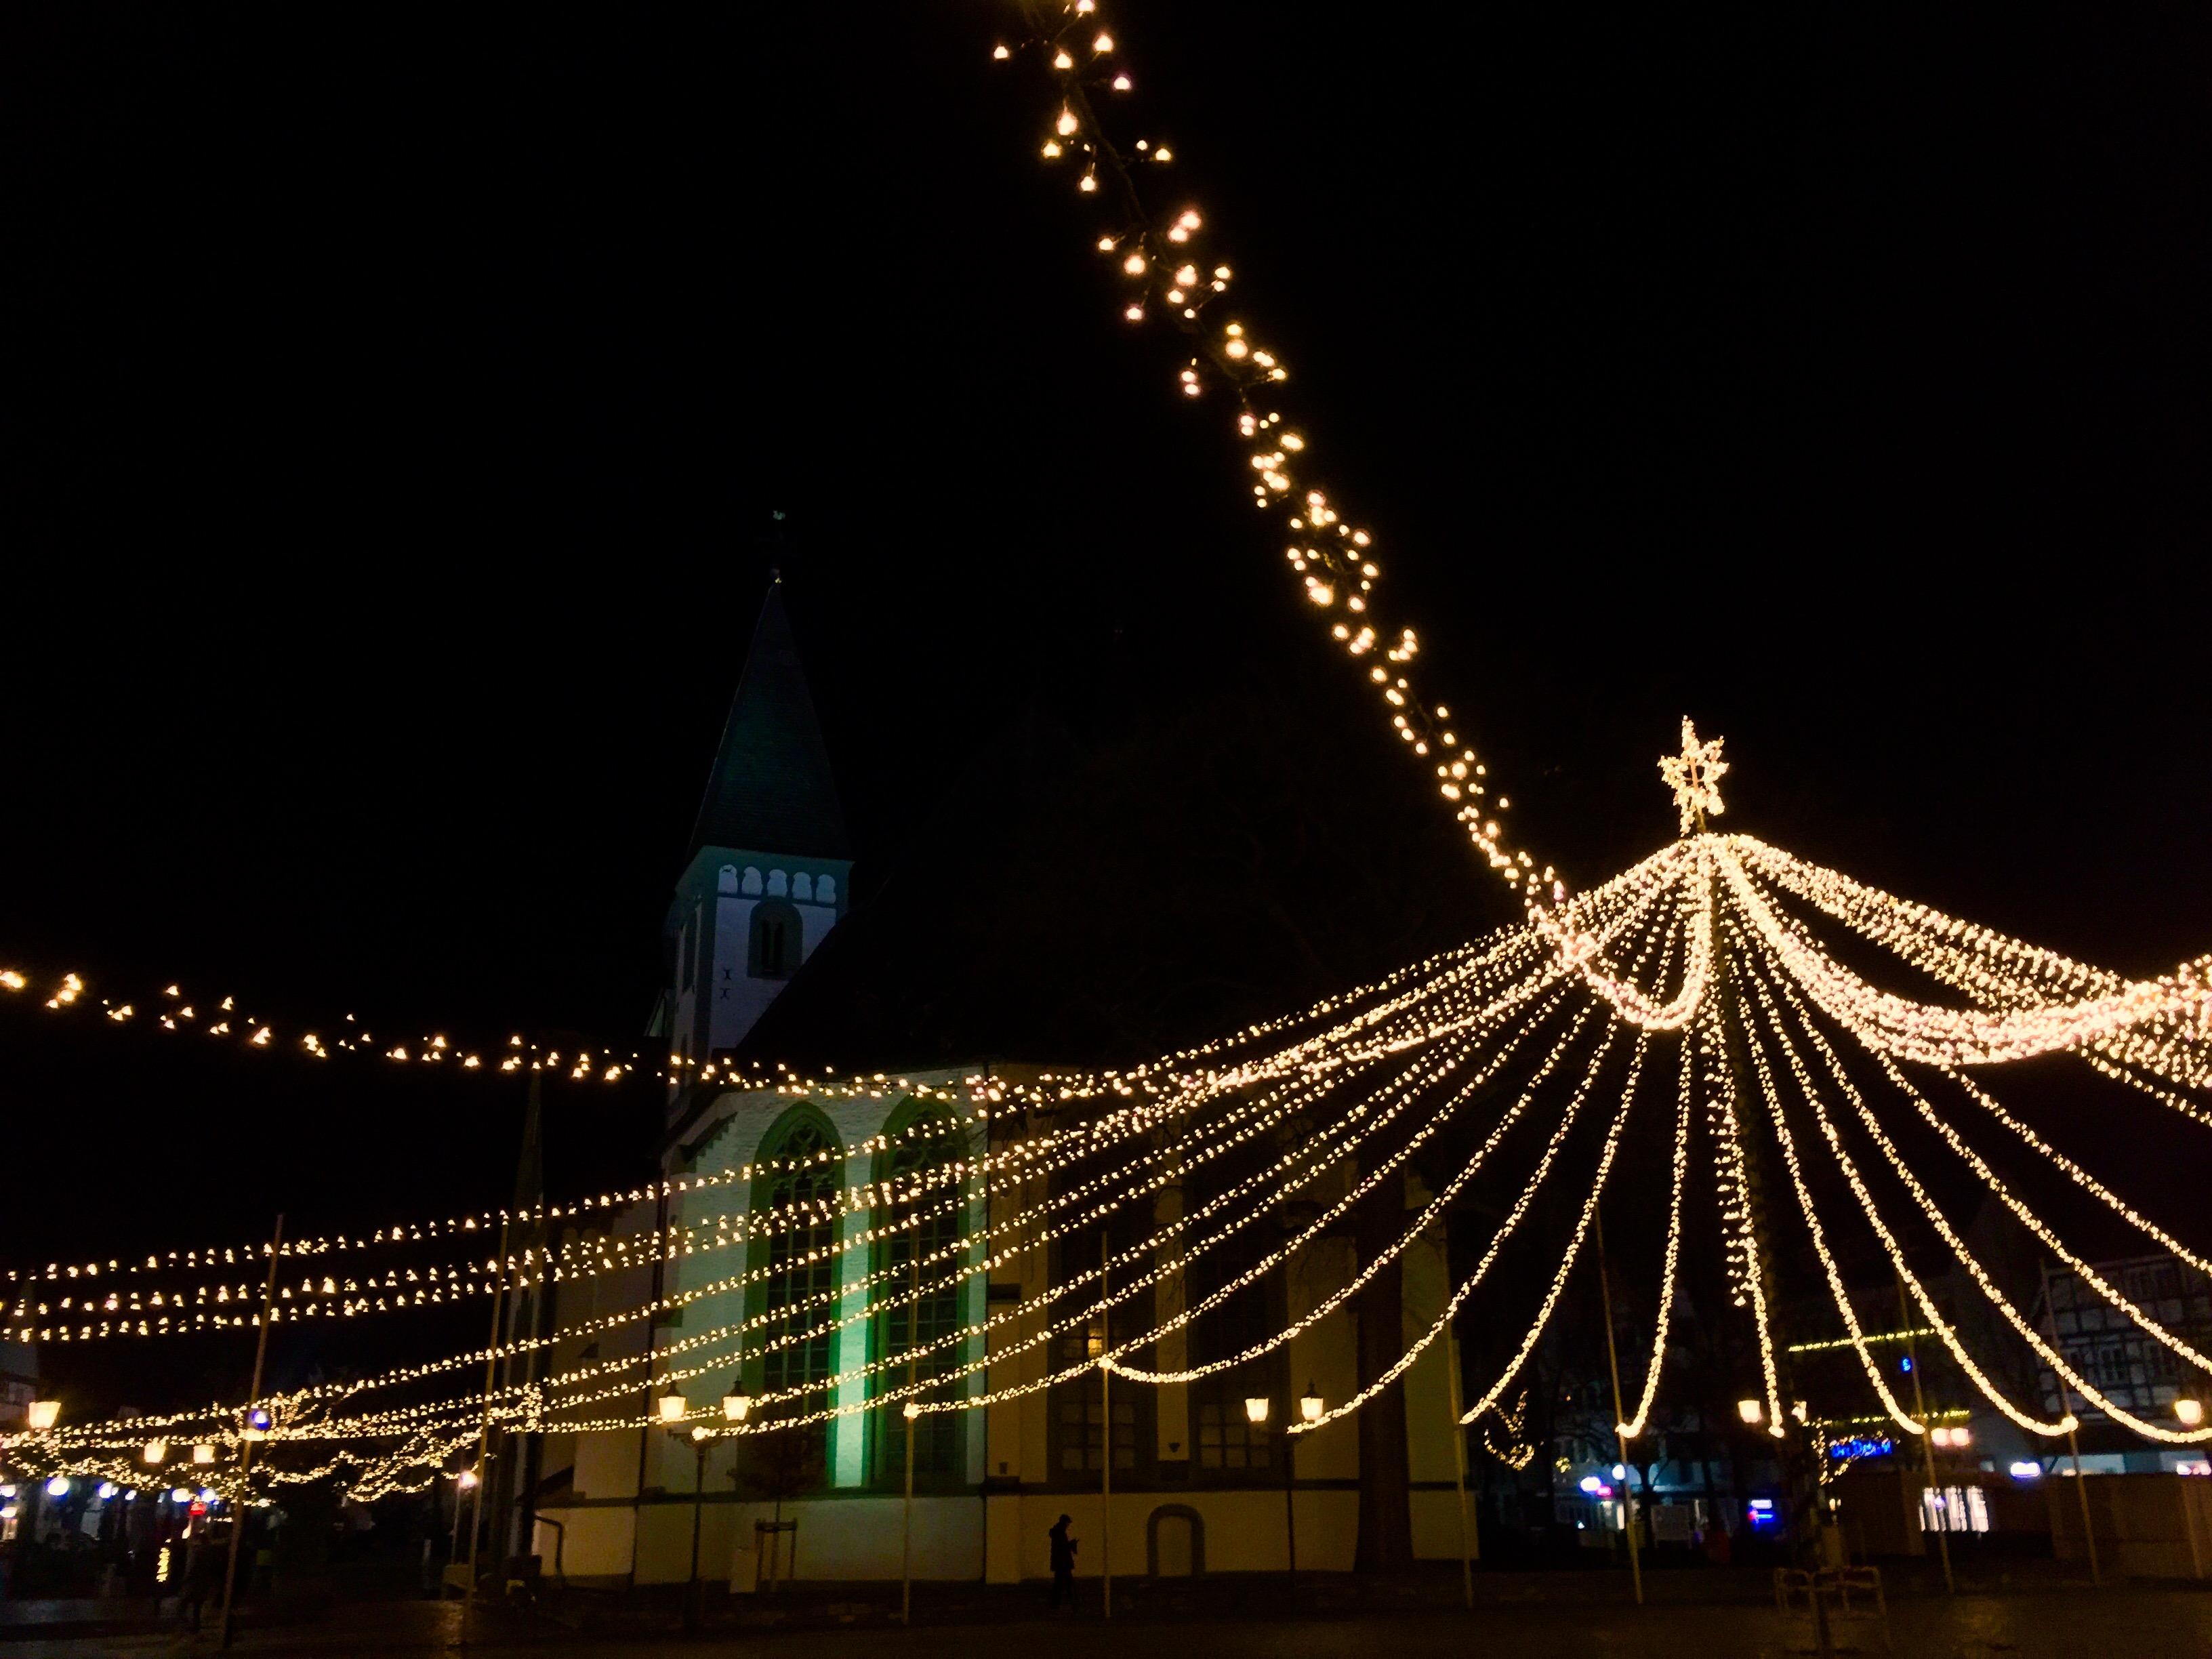 Warm und Trocken - Der Kinderweihnachtsmarkt Liesborn findet zu jeder Wetterlage statt